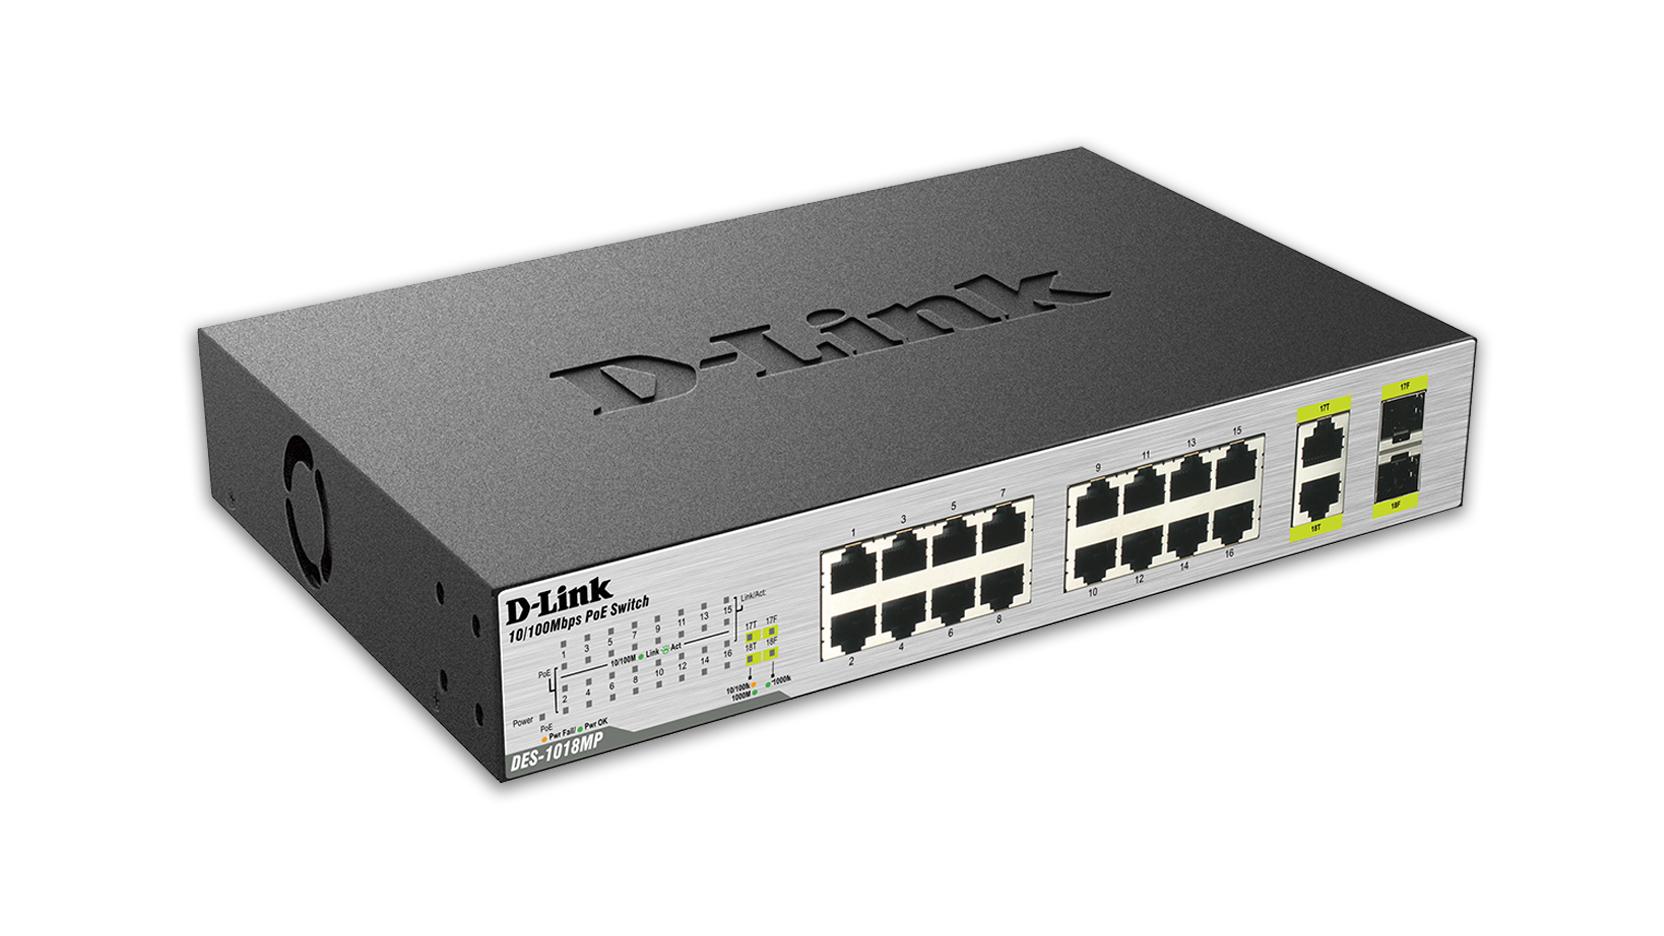 D-Link DES-1018MP switch No administrado Fast Ethernet (10/100) Negro Energía sobre Ethernet (PoE)